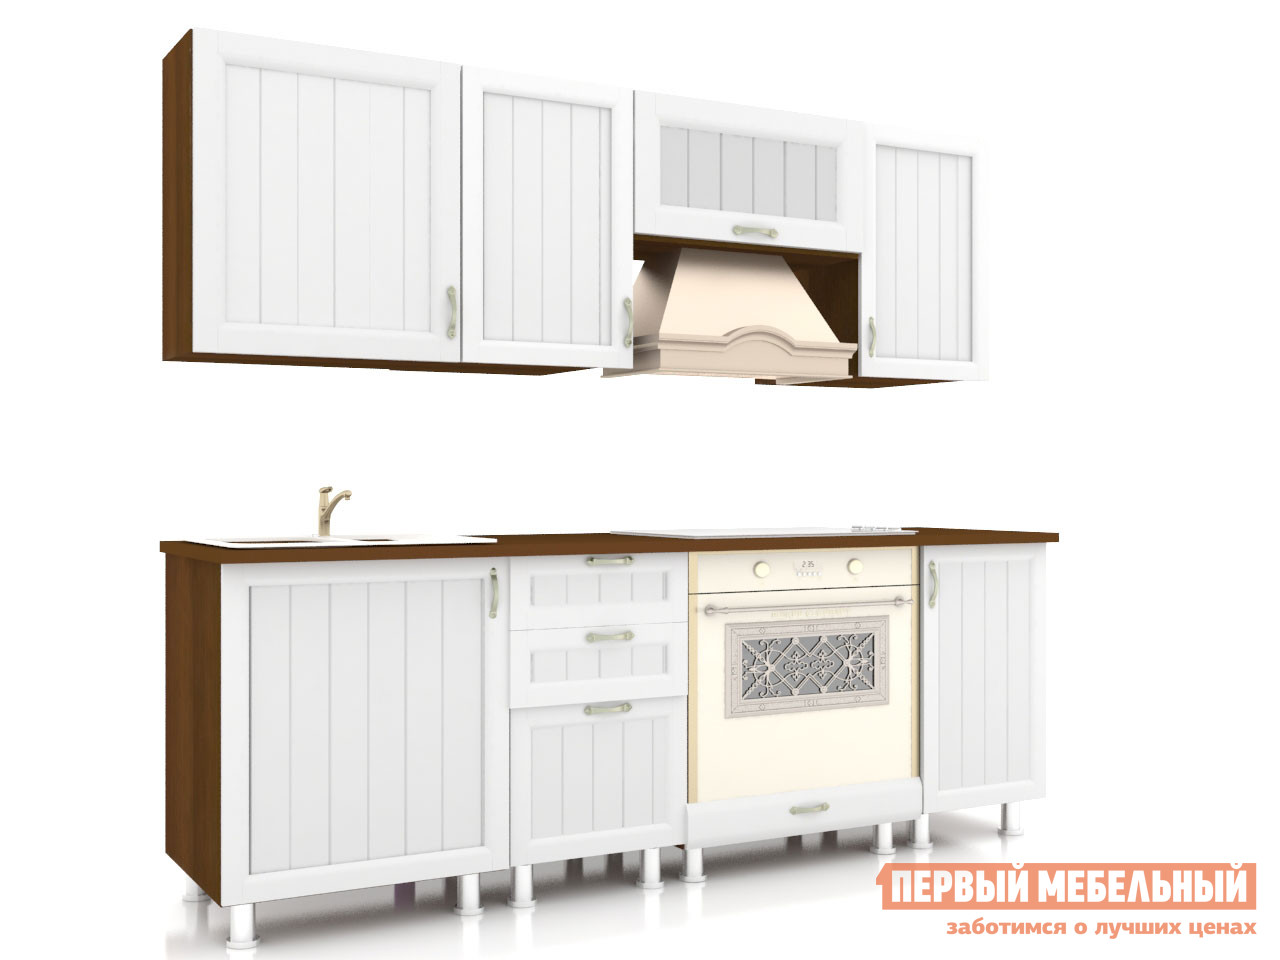 Фото Кухонный гарнитур Любимый дом Кантри 200 см Ясень Светлый